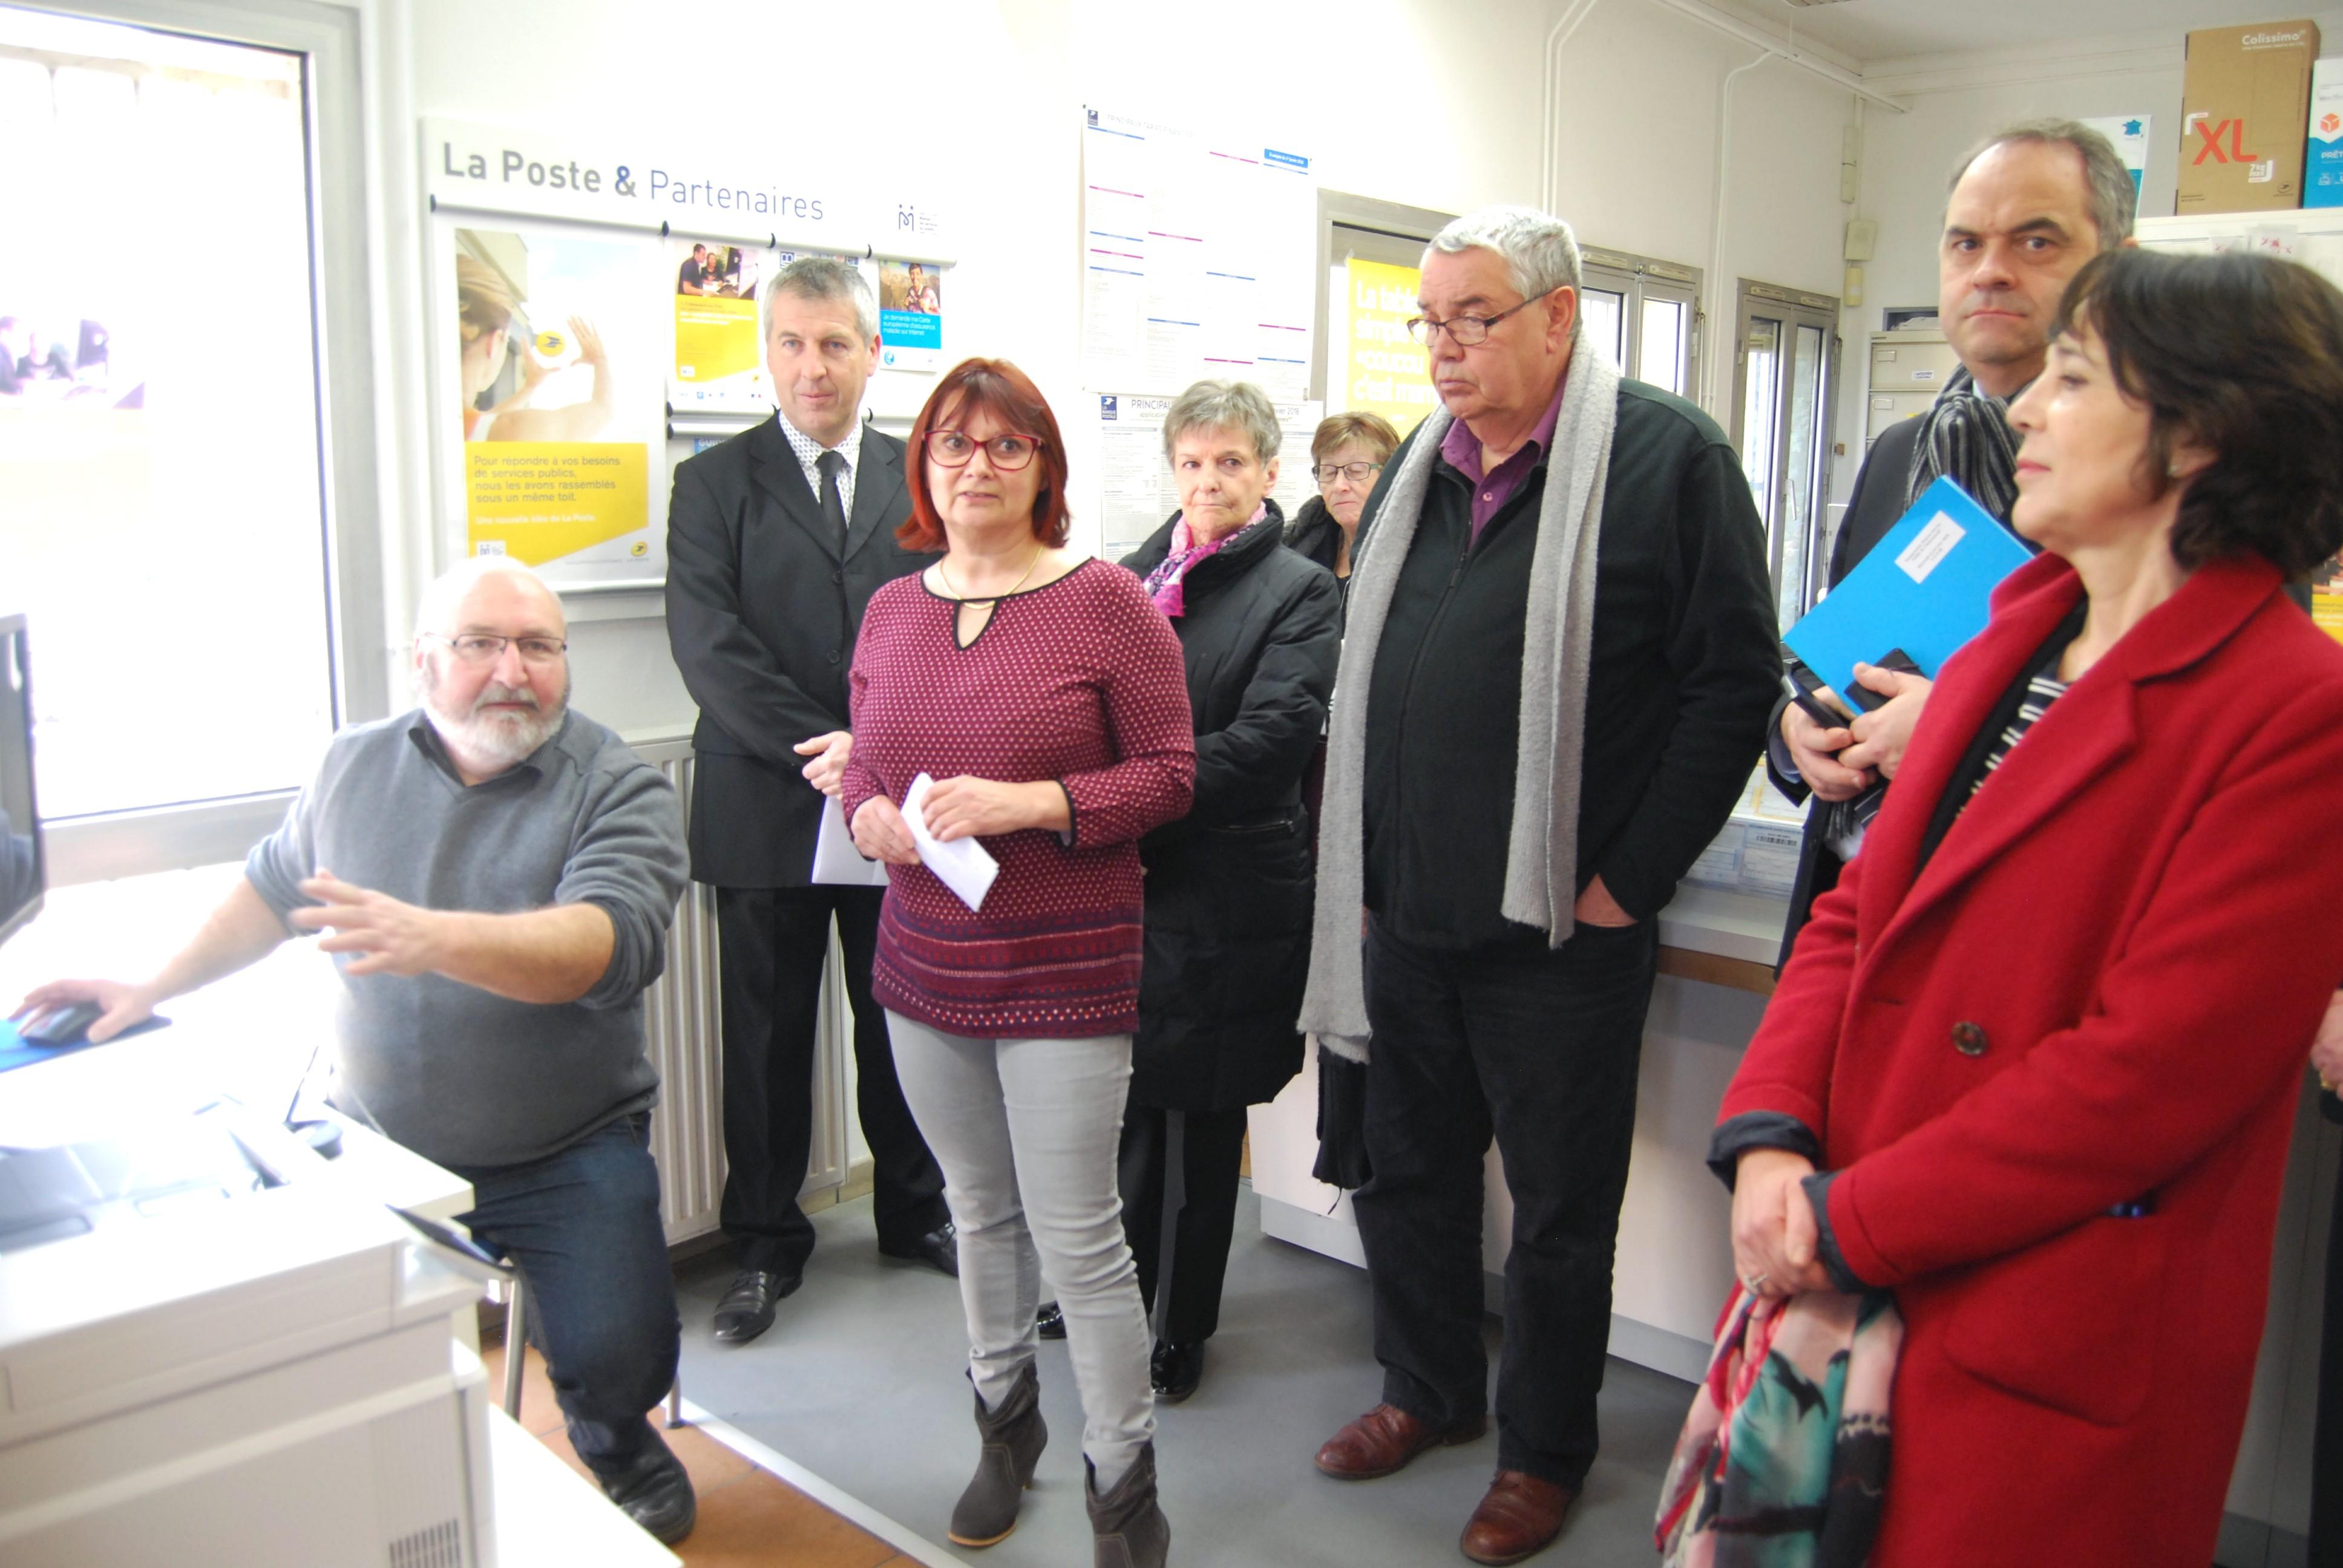 Micheline Jouneau et Brunot Merlot (à g), chargés de clientèle au sein de la MSAP, accompagnent les clients dans leurs démarches